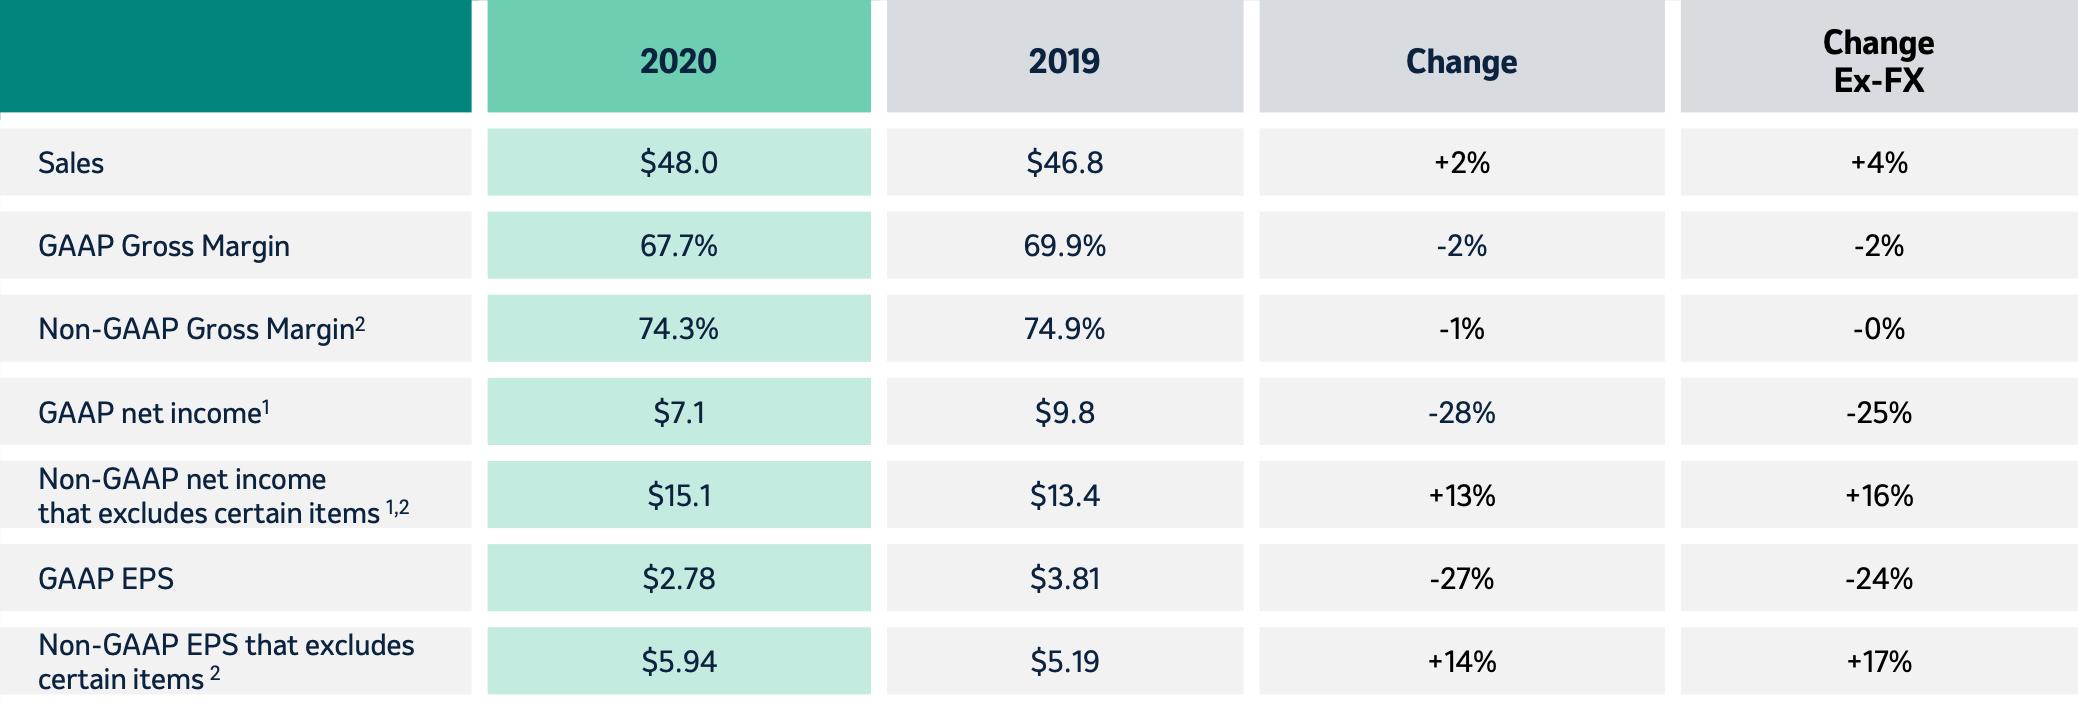 Результаты компании за год в миллиардах долларов, кроме прибыли на акцию. Источник: презентация компании, слайд13